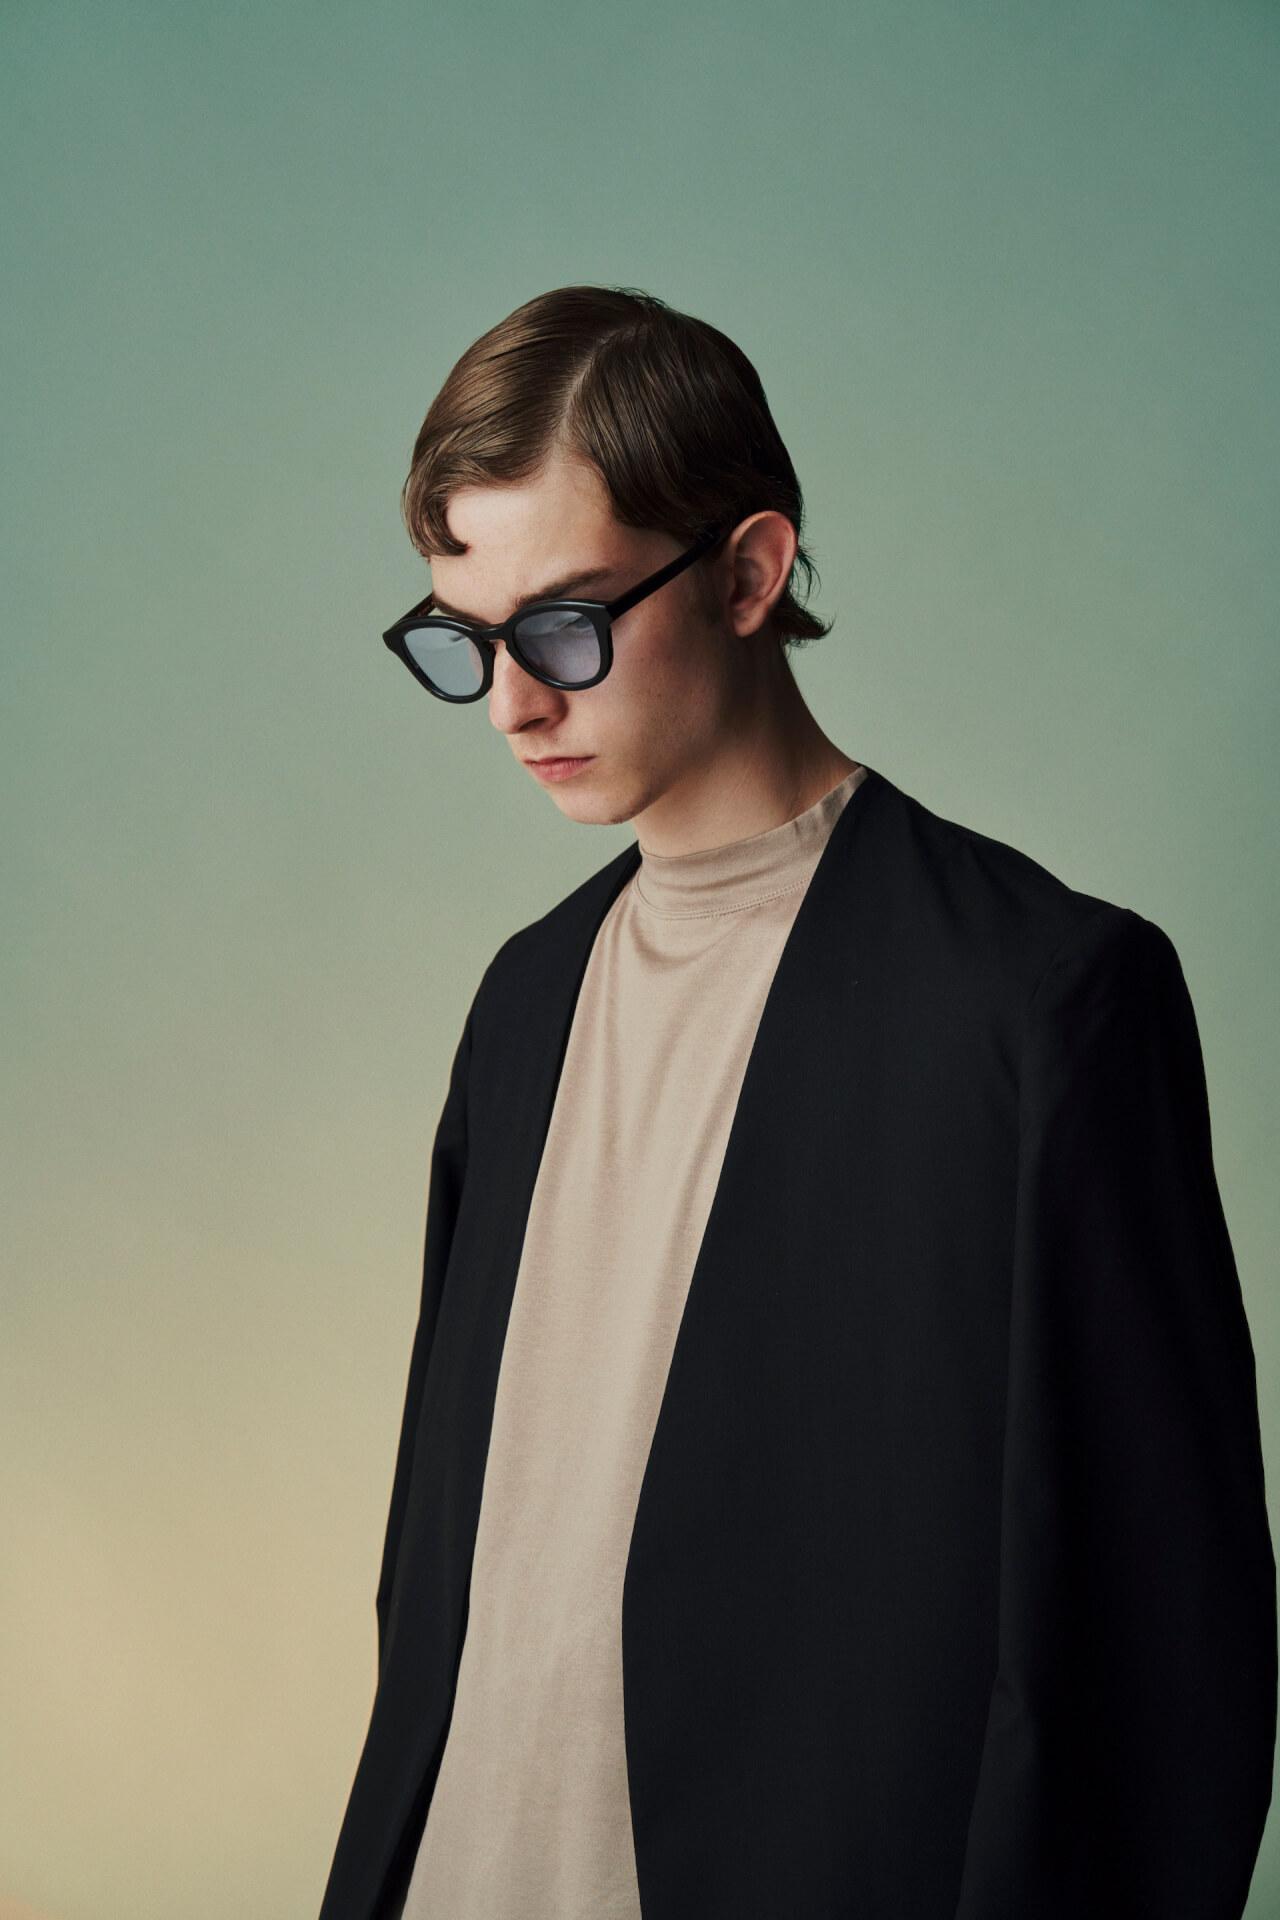 「POKER FACE」がアイウェアブランド「ayame」に別注をかけたセルロイド製の「曇らないサングラス」を発売決定! Fashion_210719_koro5